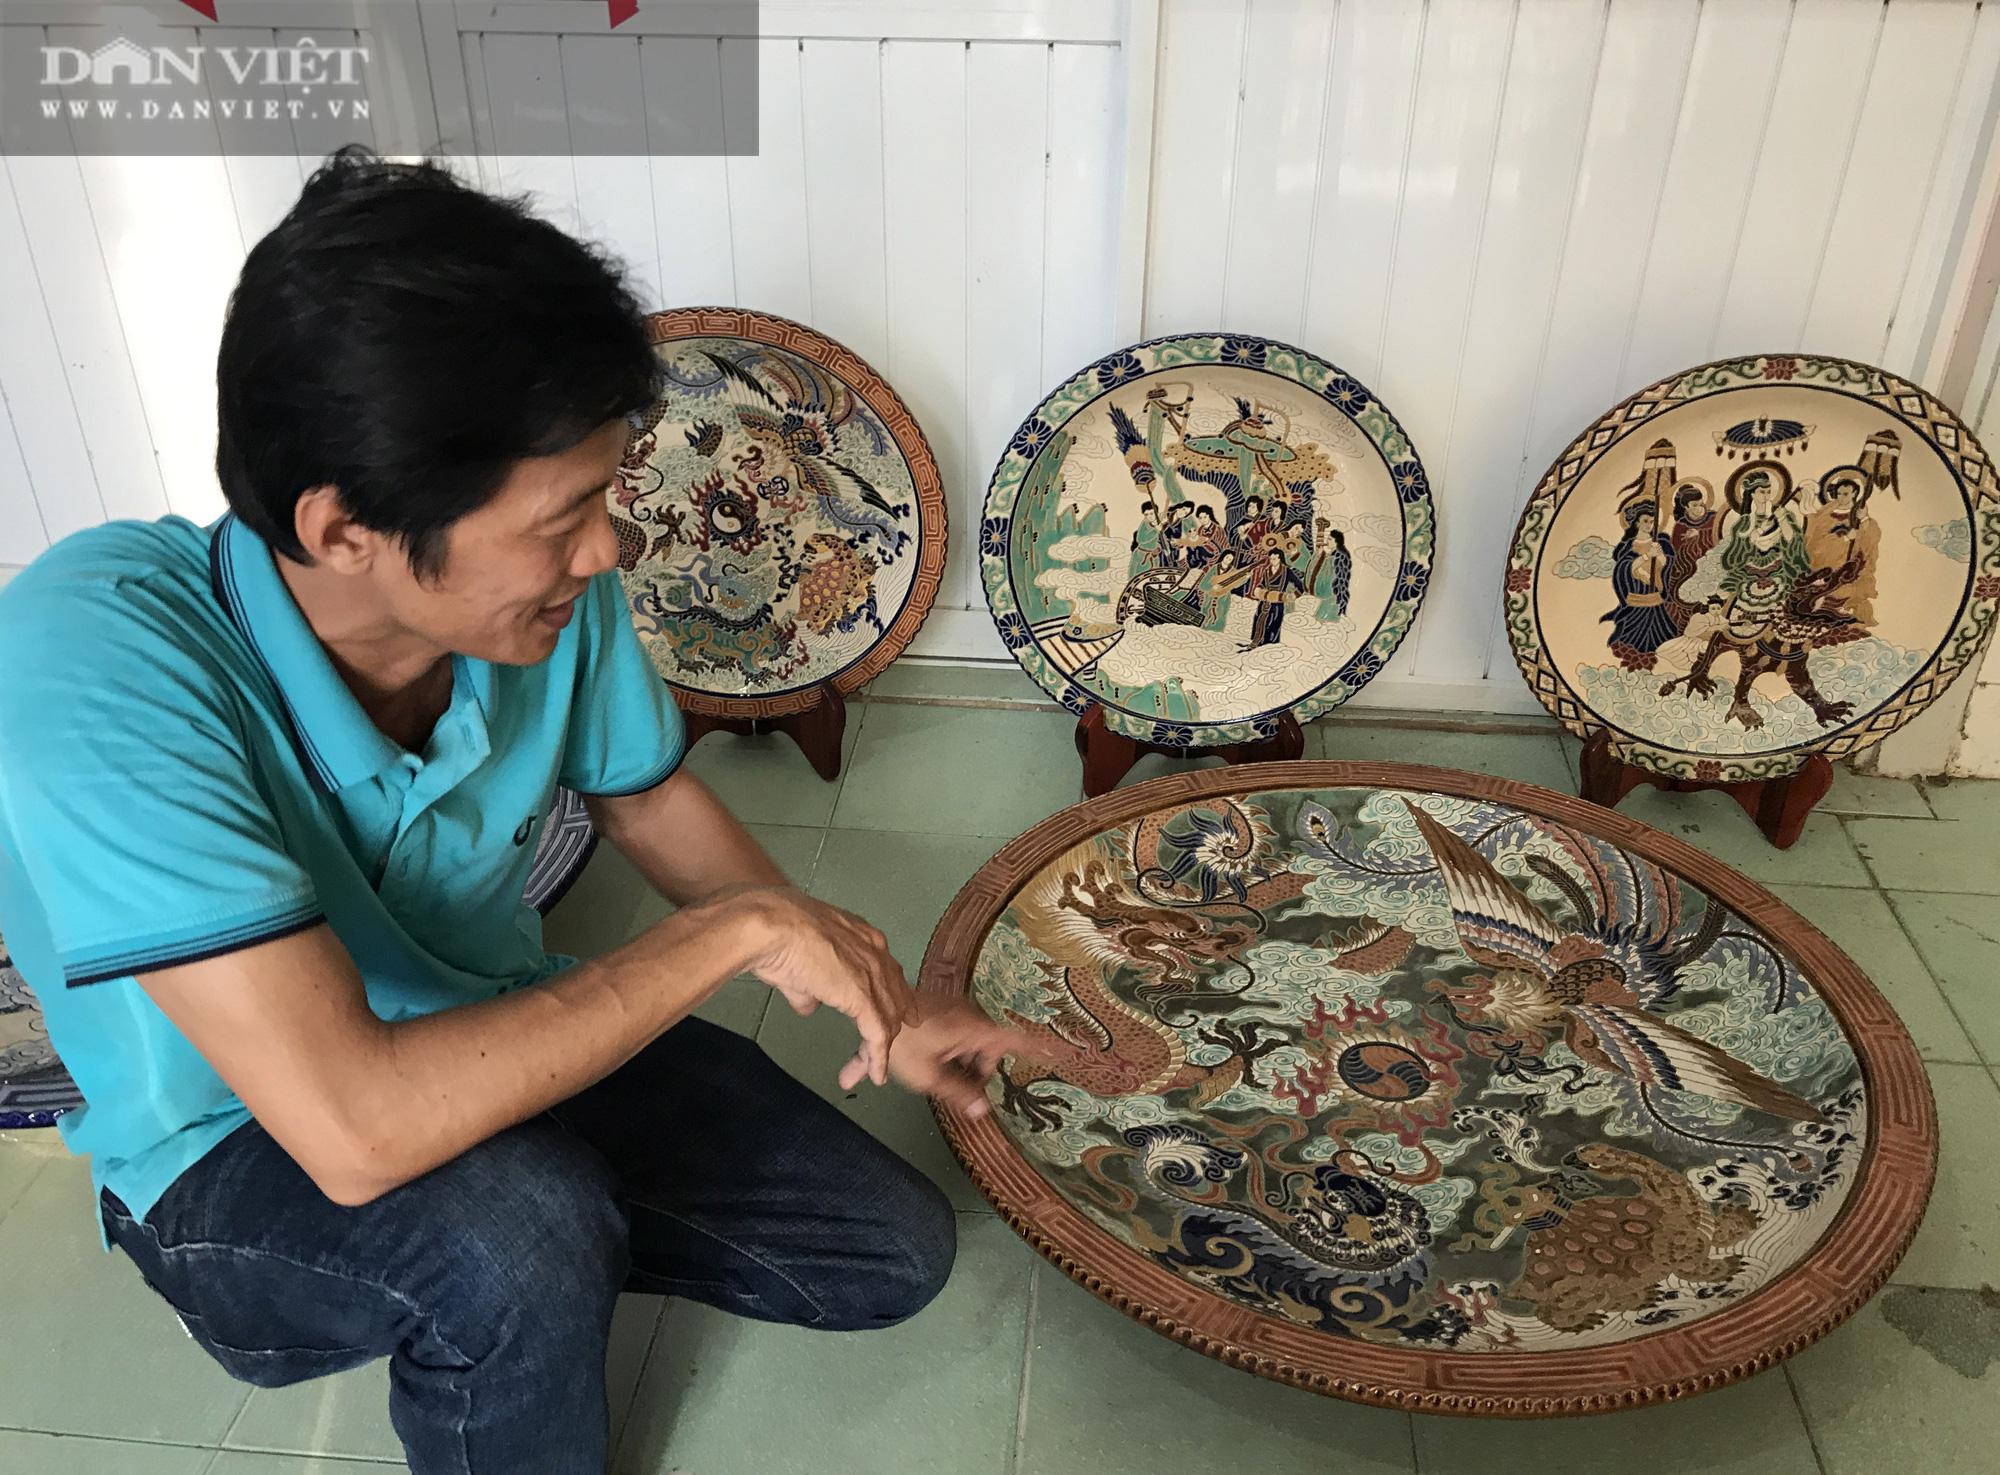 Bảo tàng cá nhân về gốm sứ kích thước khủng của thầy giáo miền Tây - Ảnh 9.